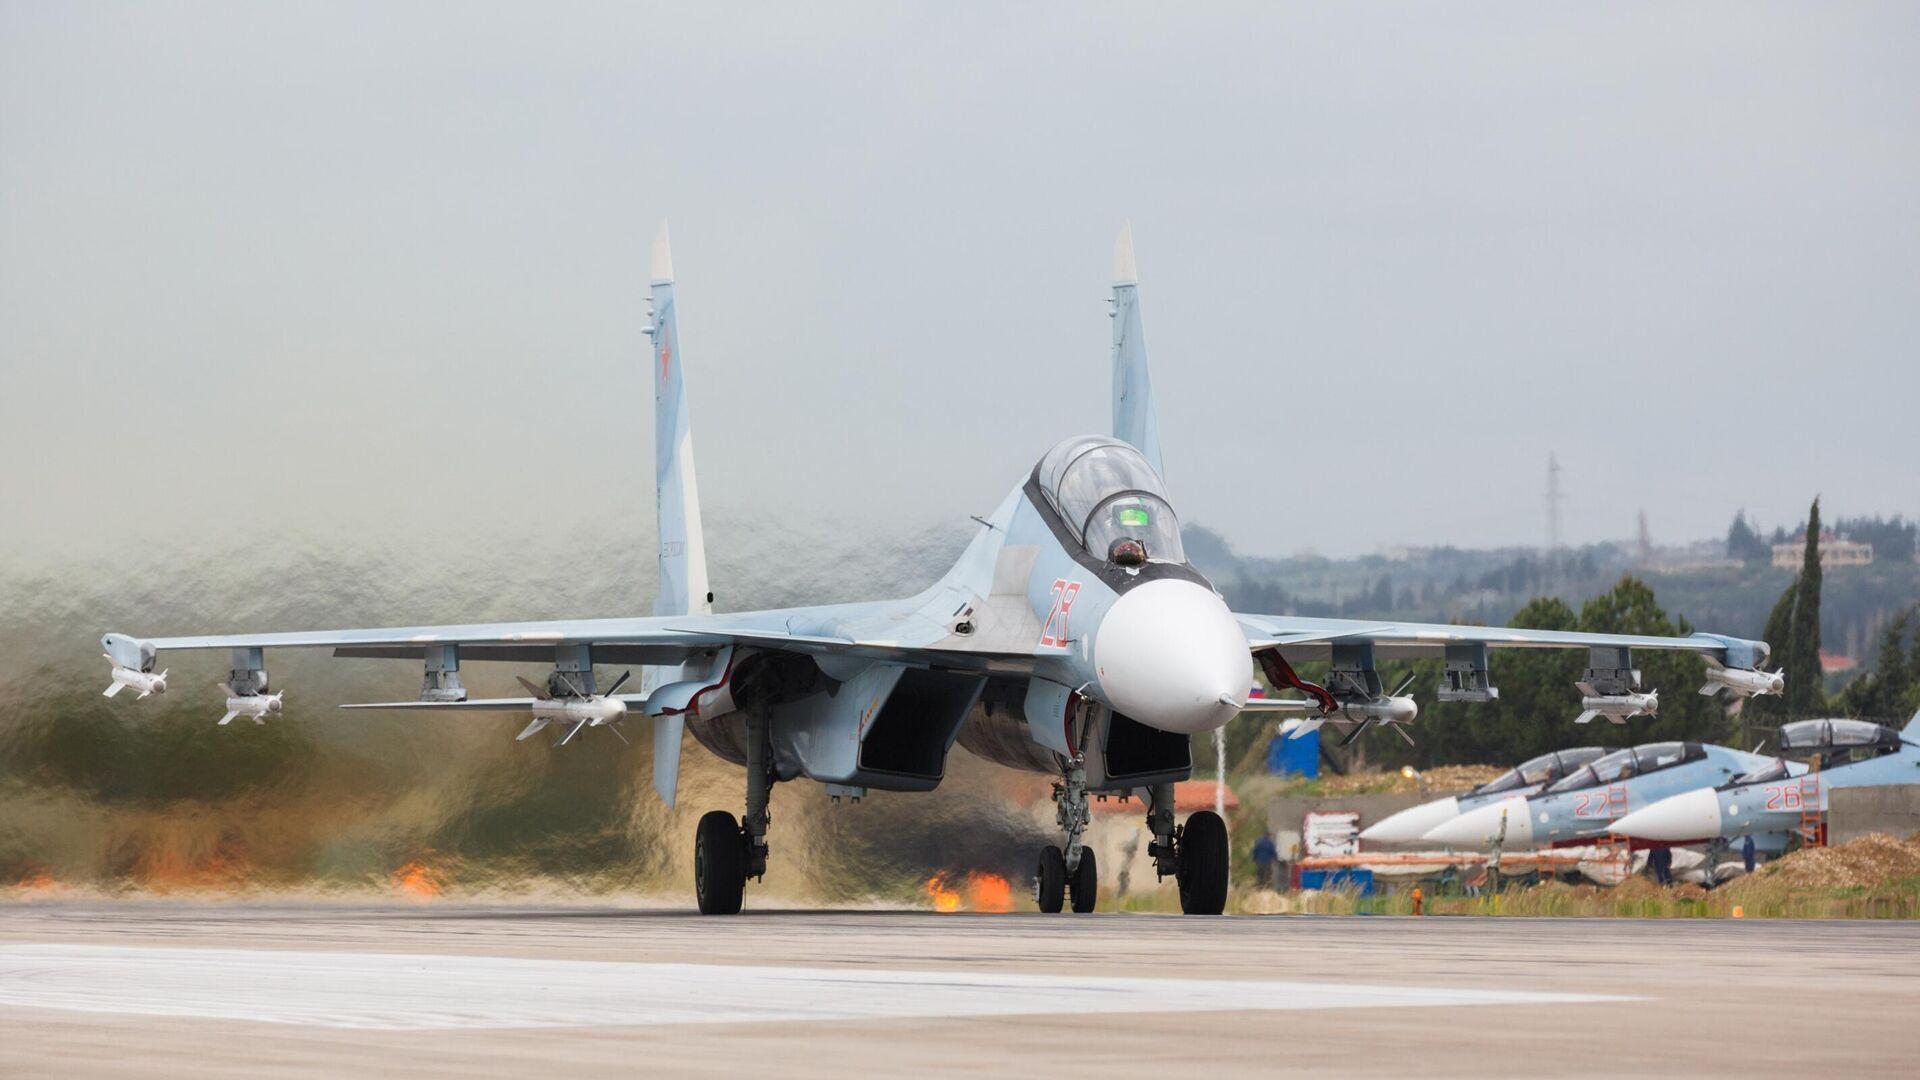 Истребители Су-27 ВКС России на авиабазе Хмеймим в Сирии - РИА Новости, 1920, 14.09.2020